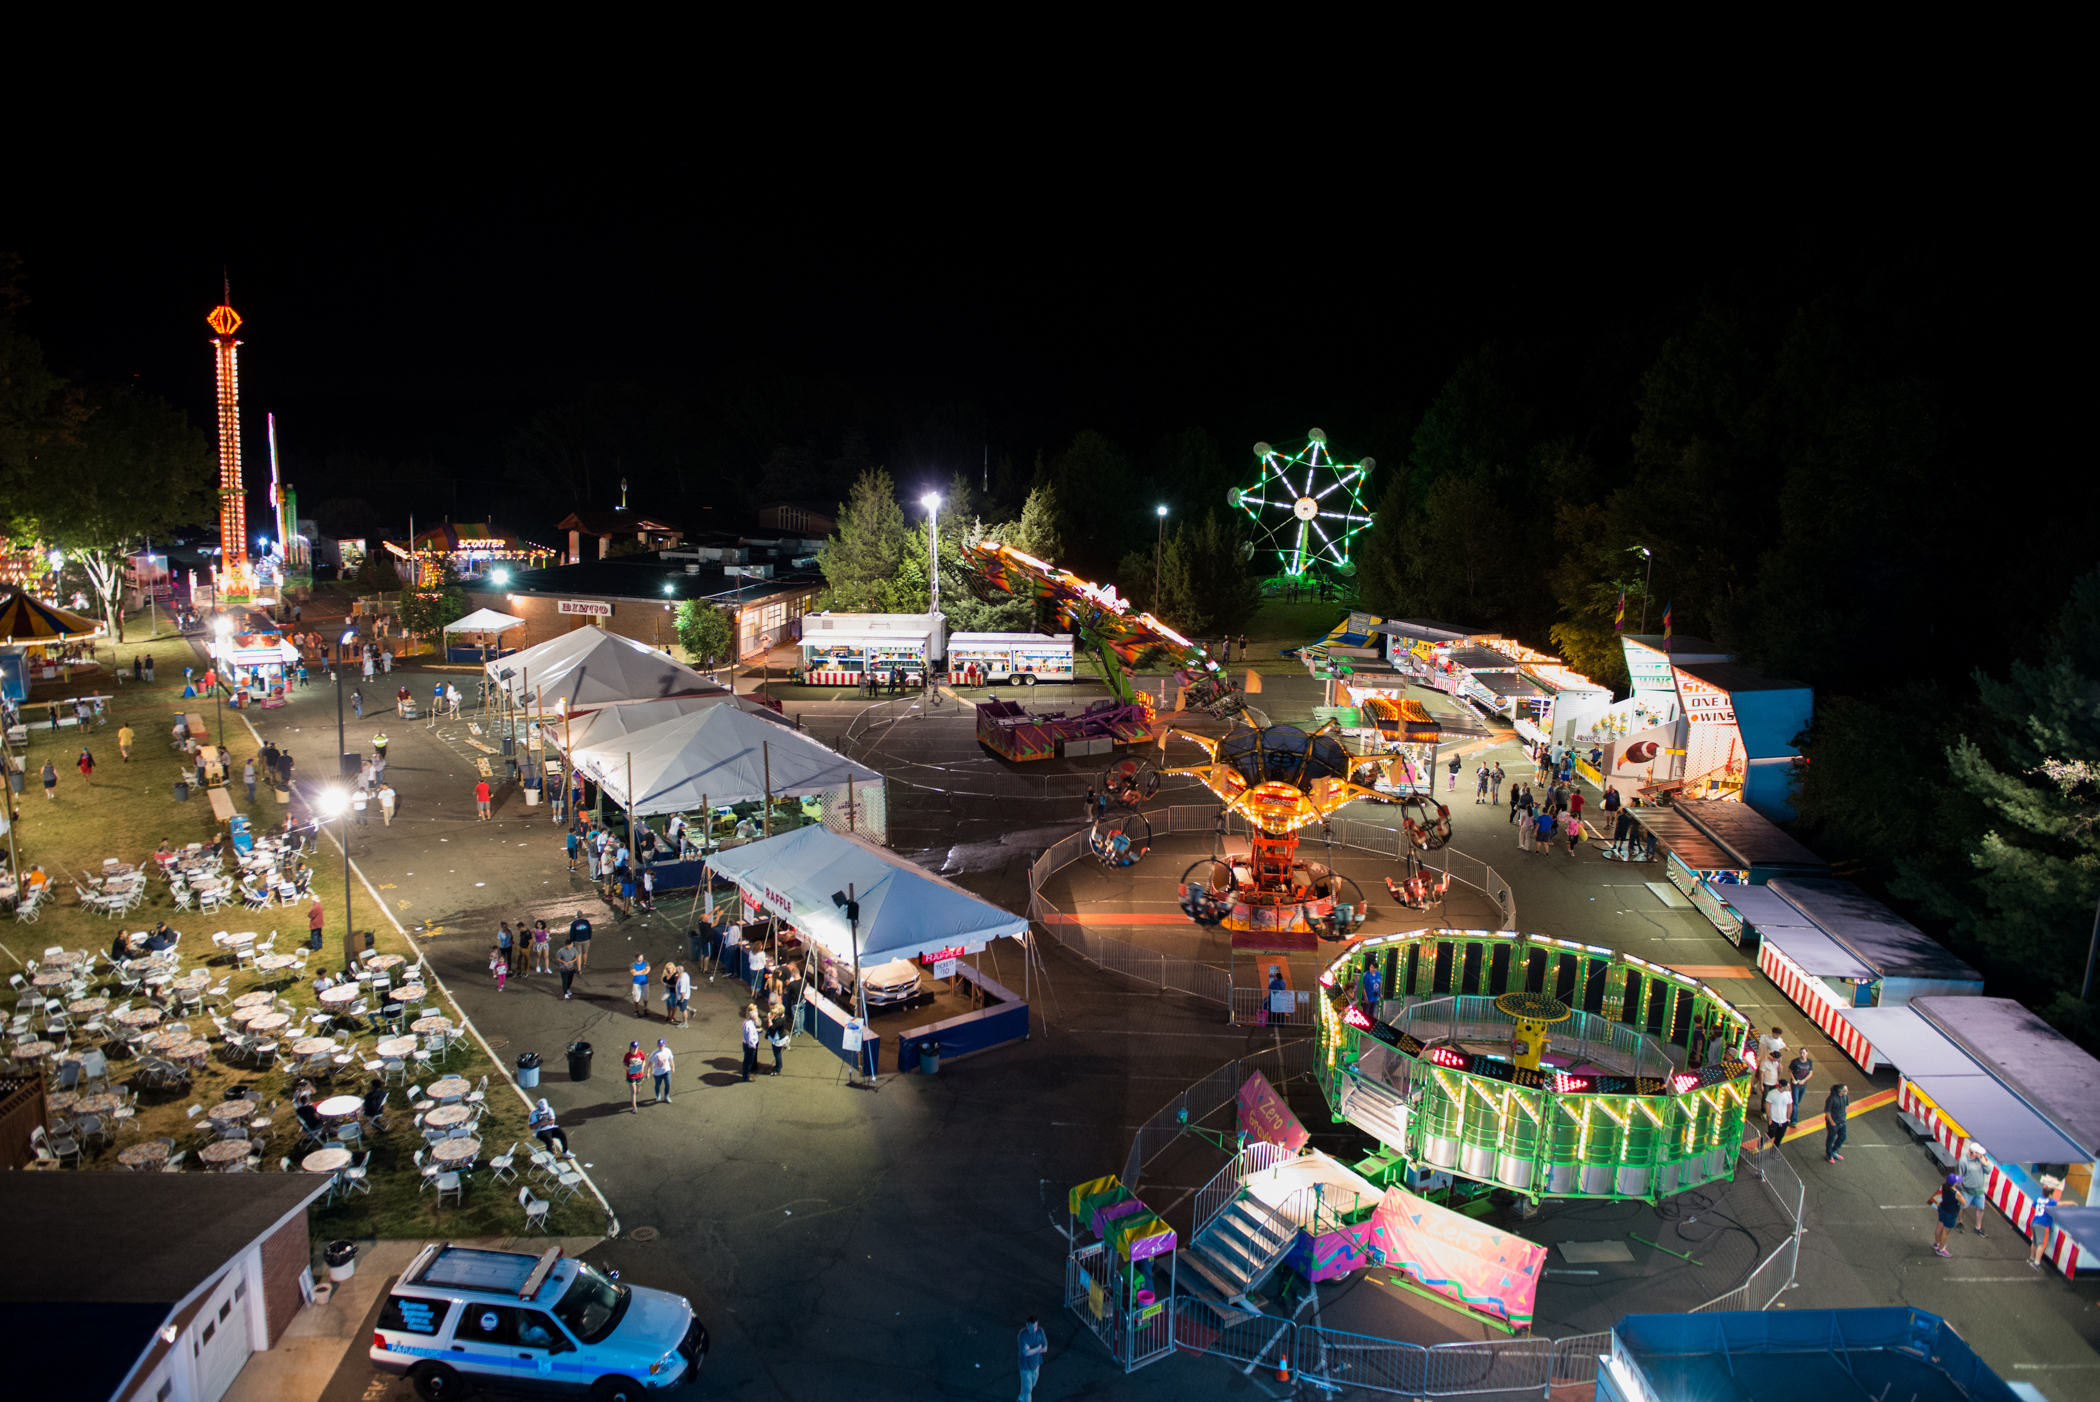 St-Leos-Fair-2016-25.jpg